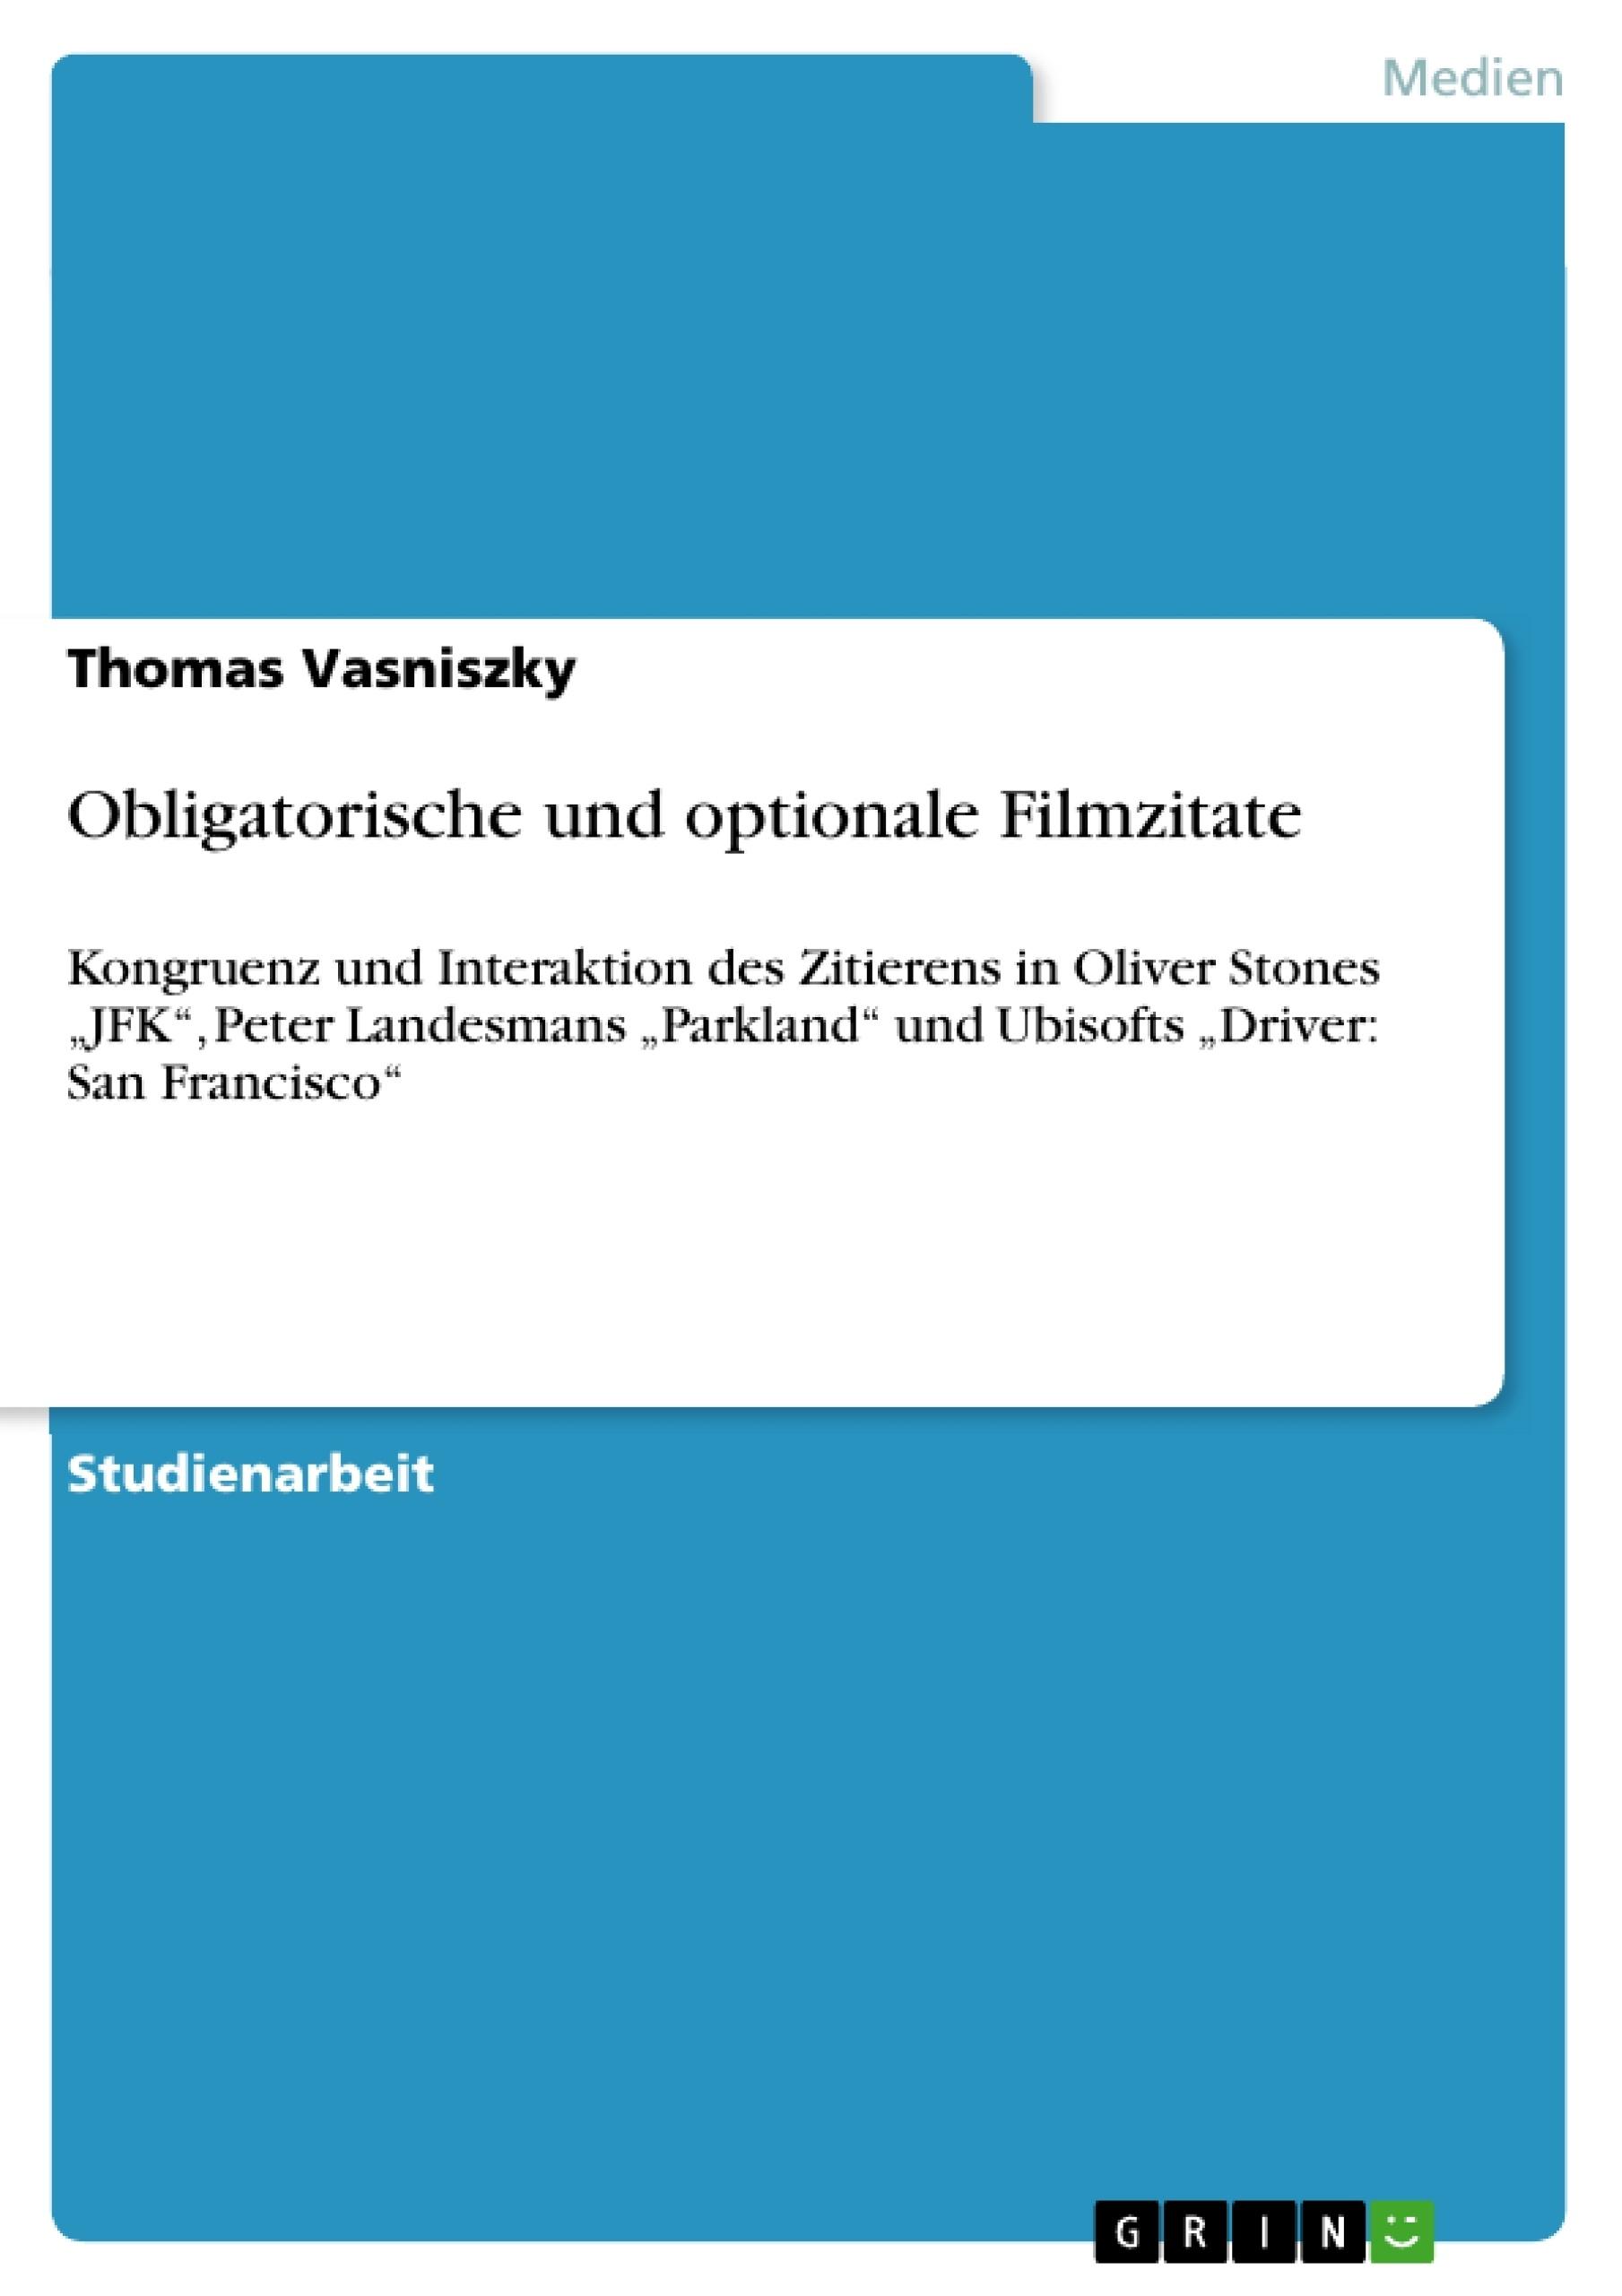 Titel: Obligatorische und optionale Filmzitate